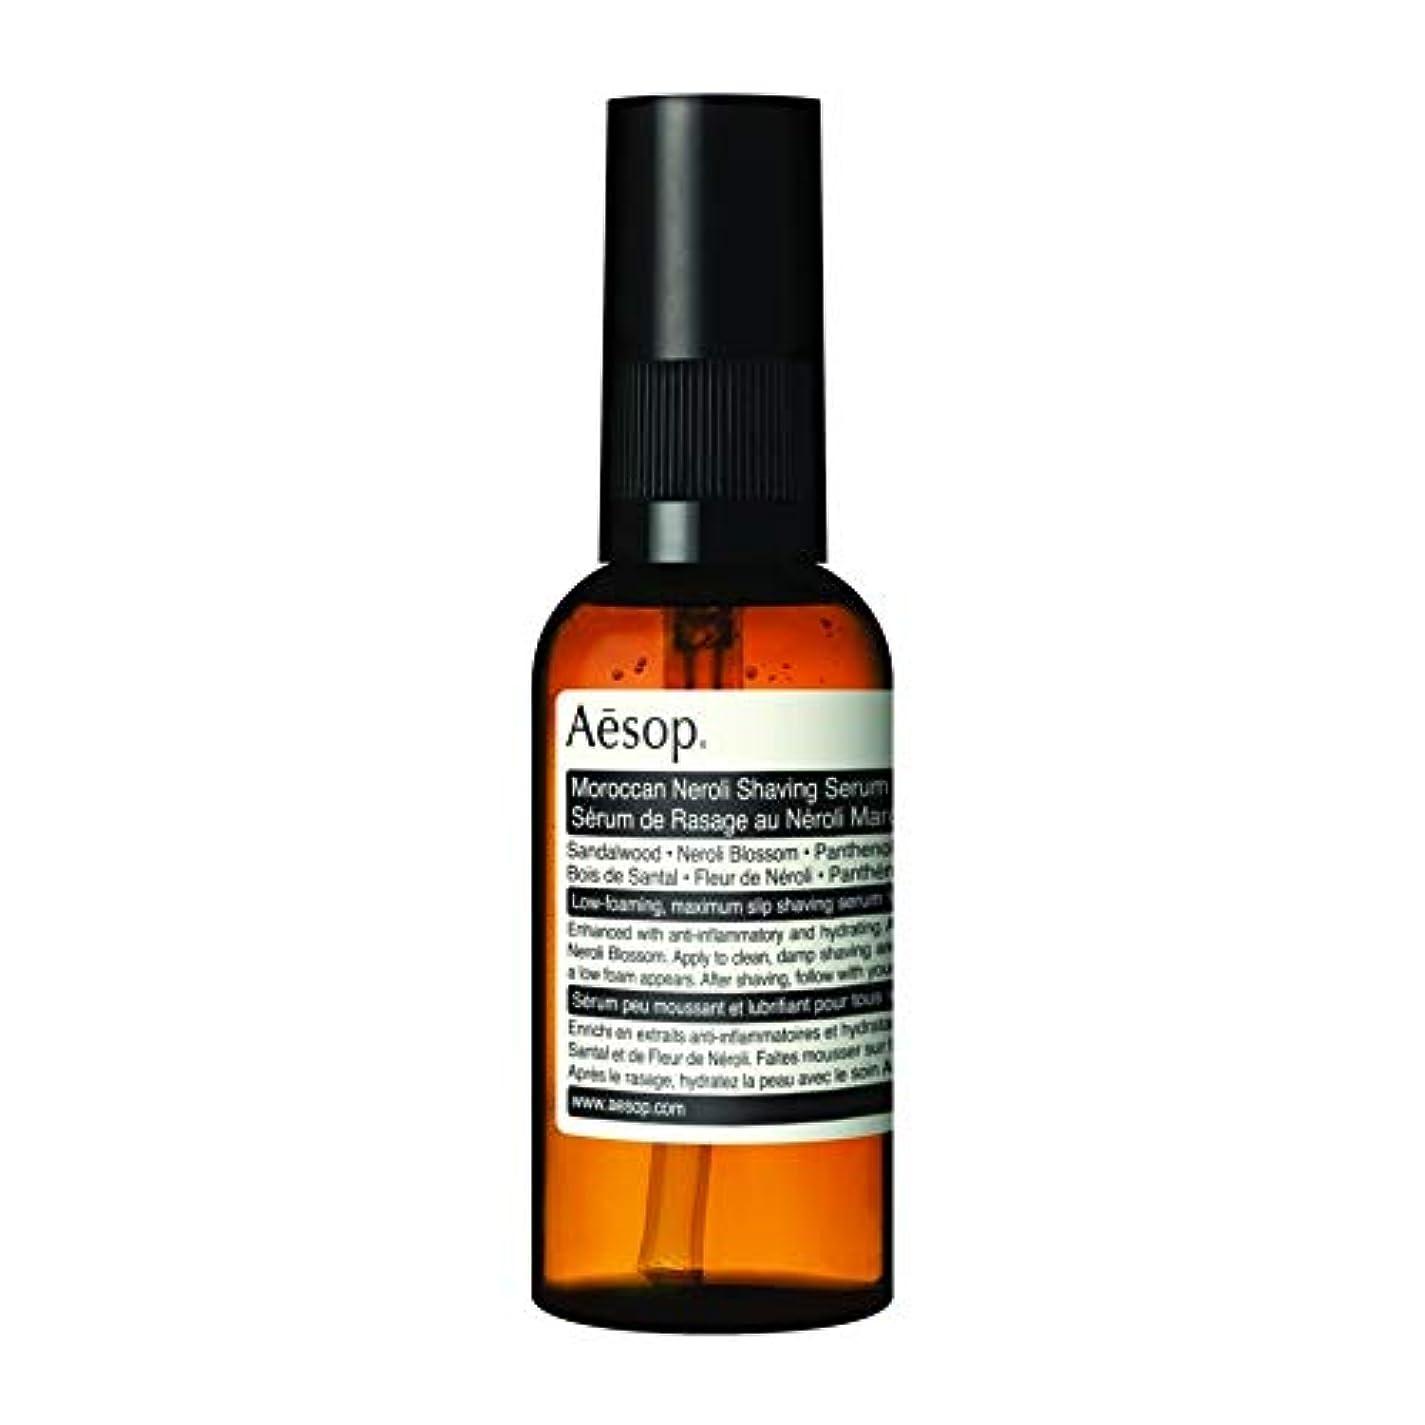 蒸発バンジョー議題[Aesop] イソップモロッコネロリシェービング血清60ミリリットル - Aesop Moroccan Neroli Shaving Serum 60ml [並行輸入品]